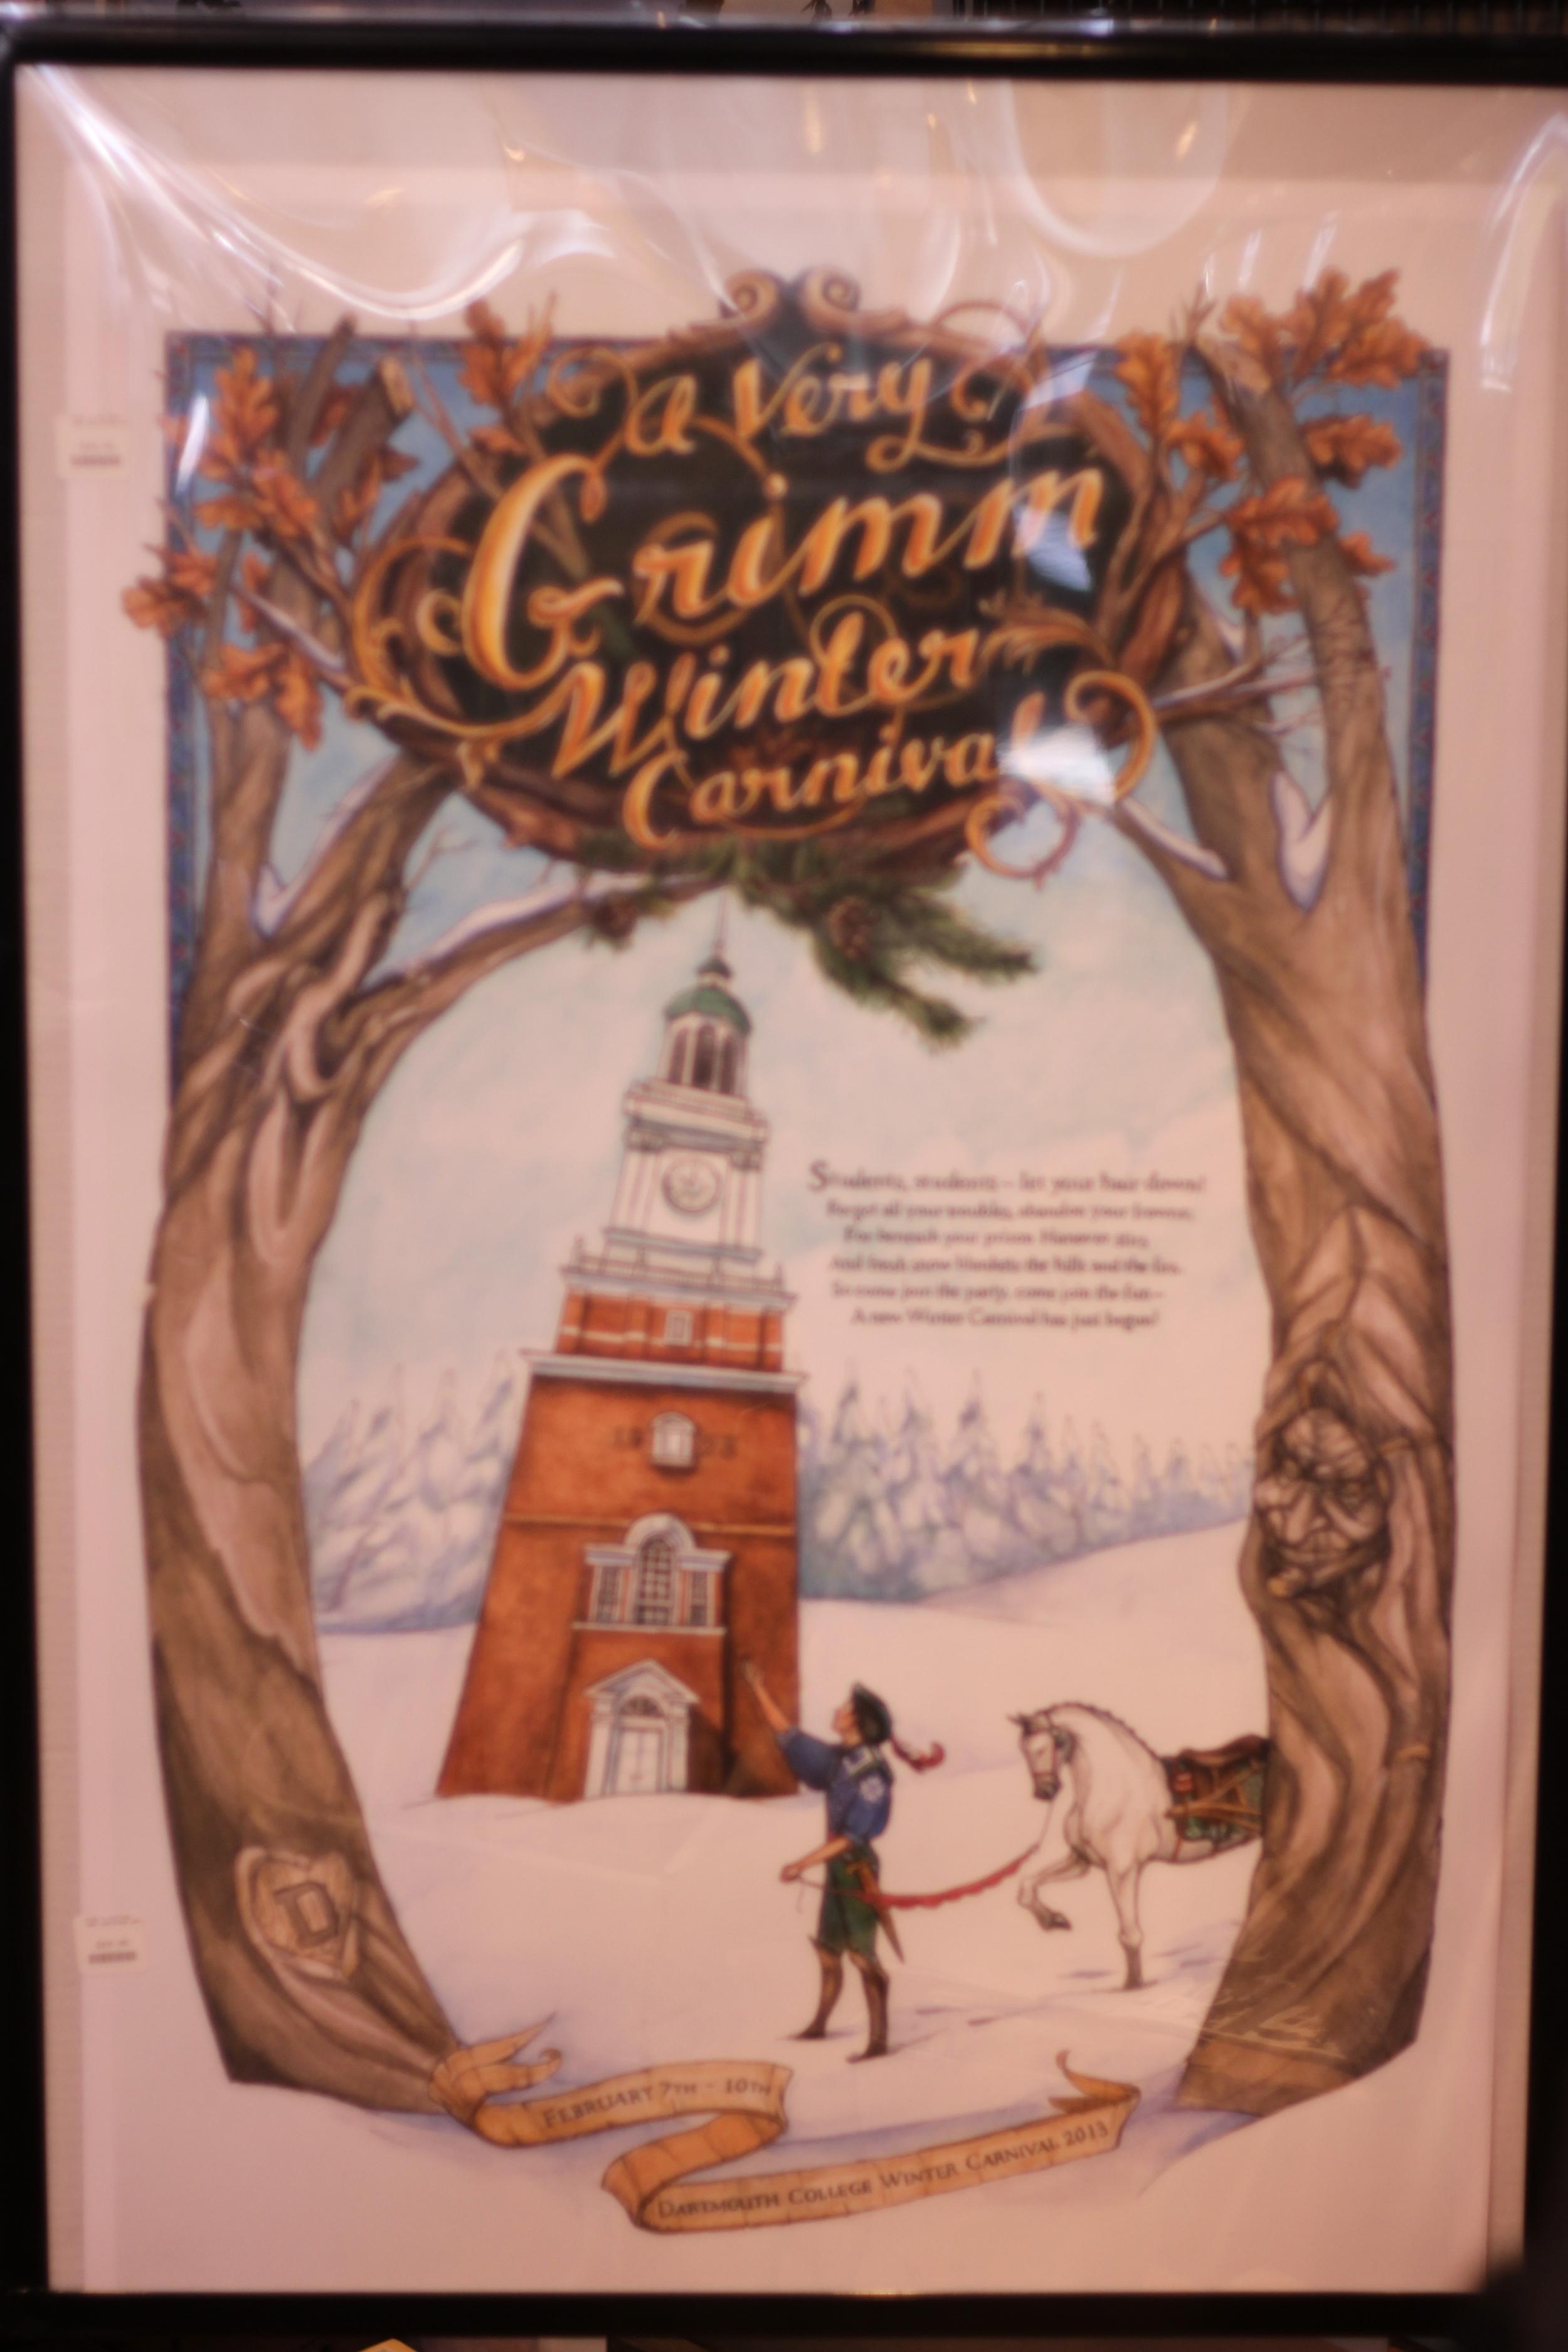 Dartmouth Winter Carnival 2013